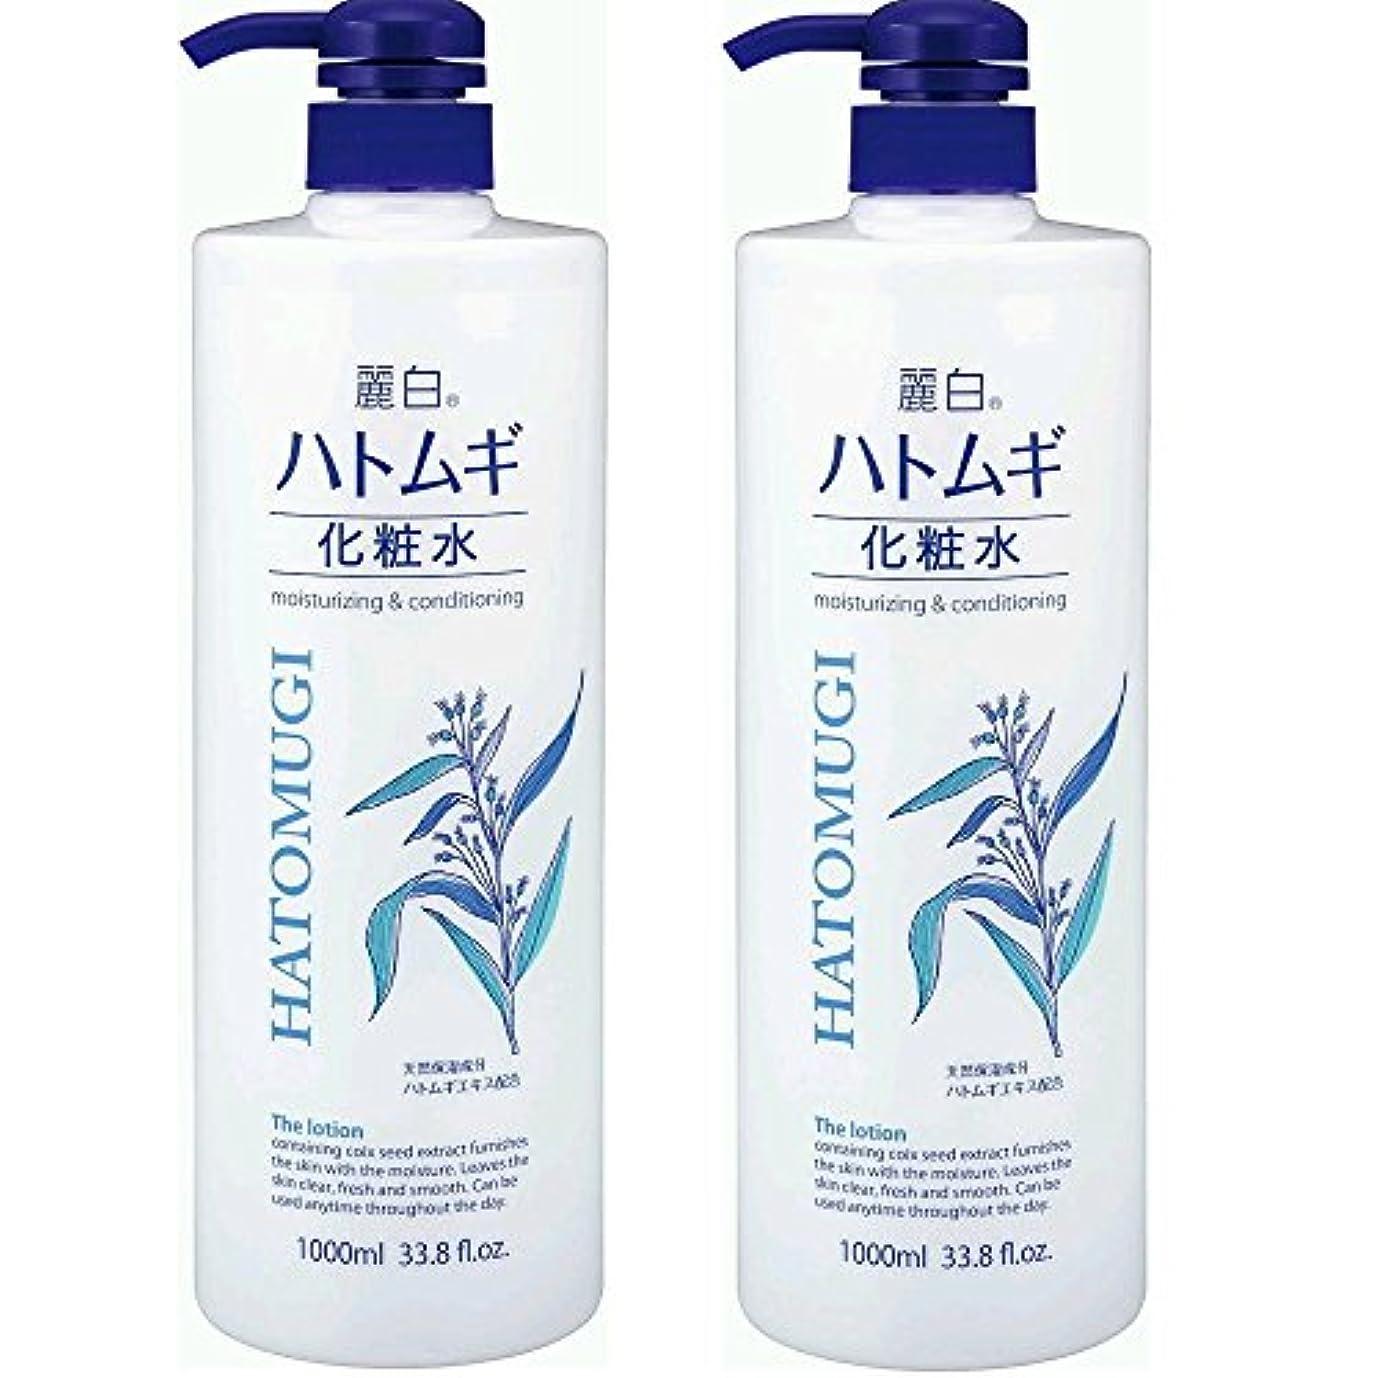 冷える勧告割り当てます麗白 ハトムギ化粧水 本体 大容量サイズ 1000ml 2本セット